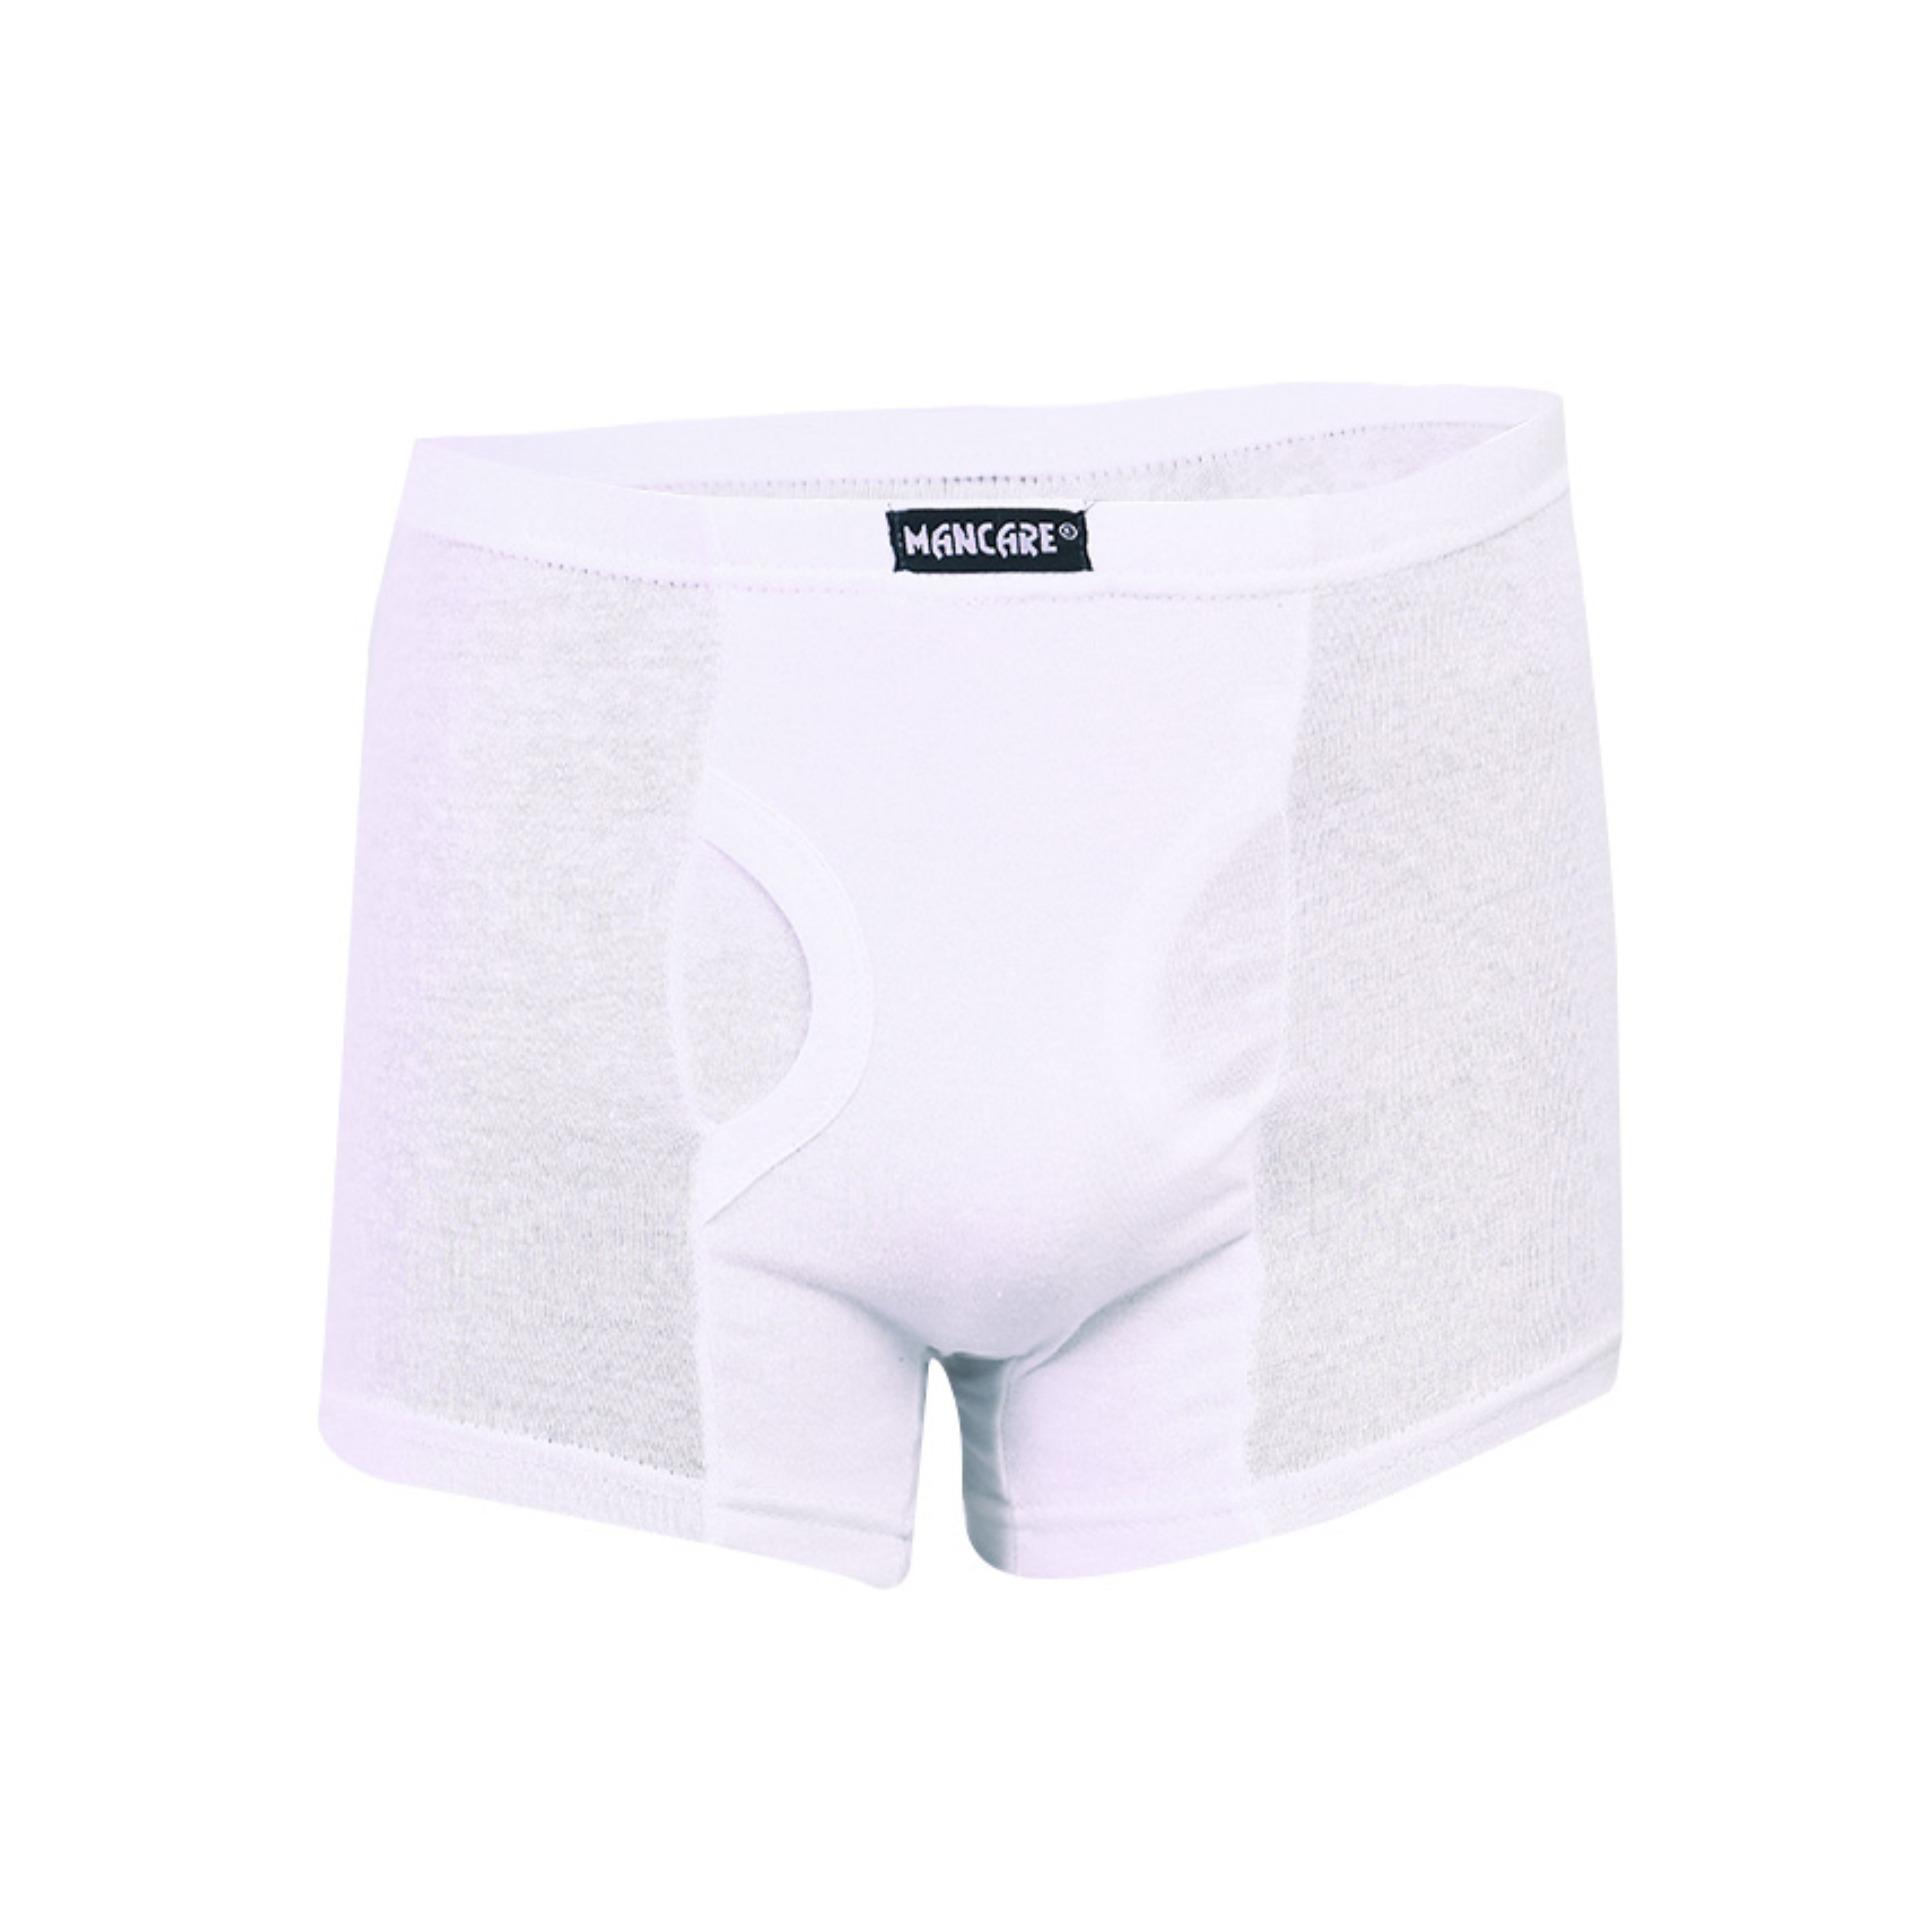 Mancare Pure Cotton Underwear for Men - White